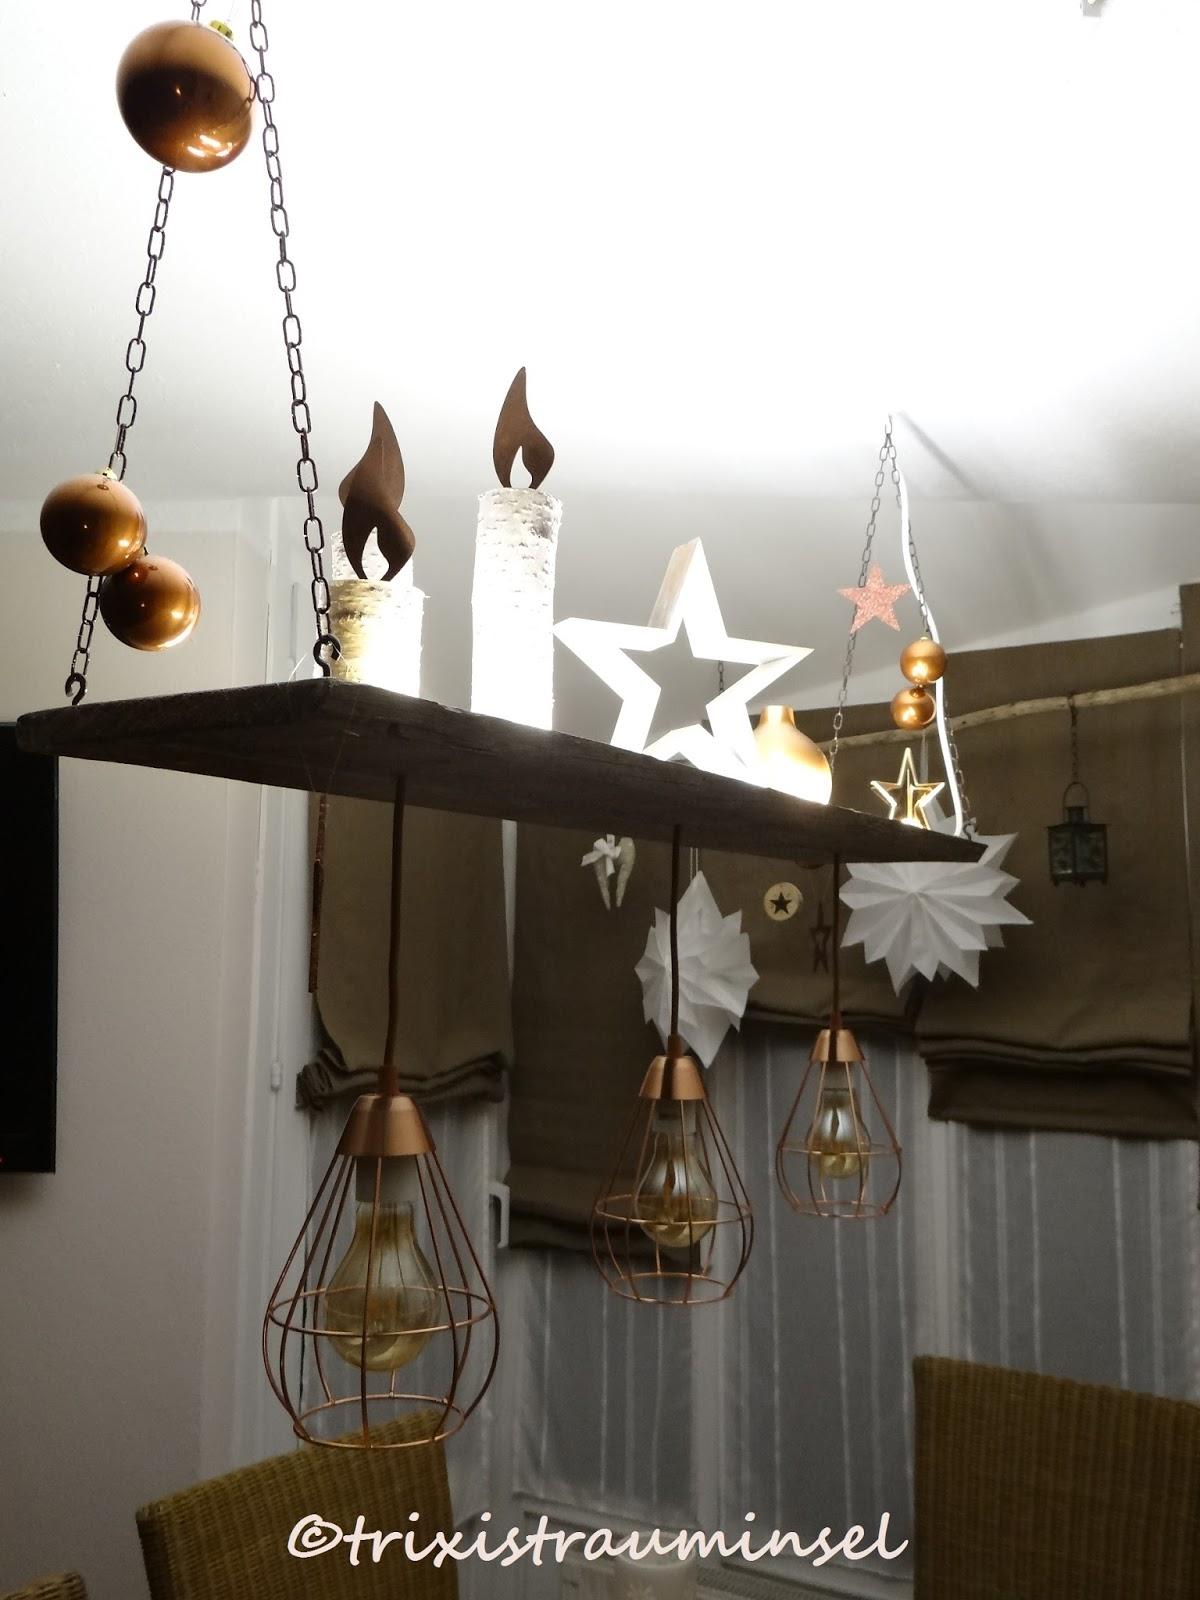 trixistrauminsel unser mega lampen diy. Black Bedroom Furniture Sets. Home Design Ideas